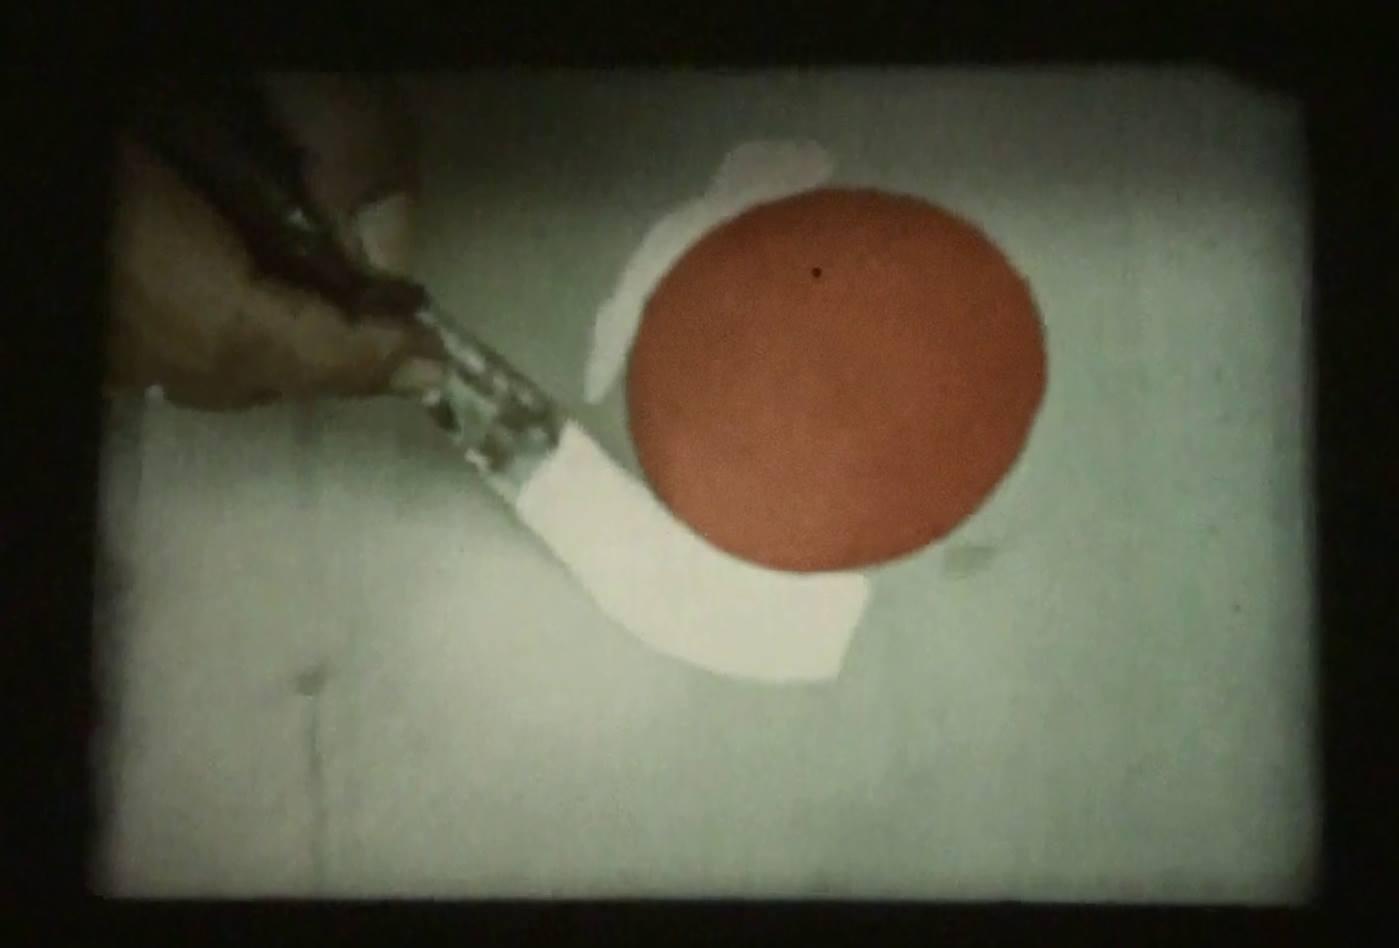 """Kadr z filmu """"Interpretacje"""", reż. Jarosław Brzozowski, 1965, Polska, 15 min (źródło: materiały prasowe organizatora)"""